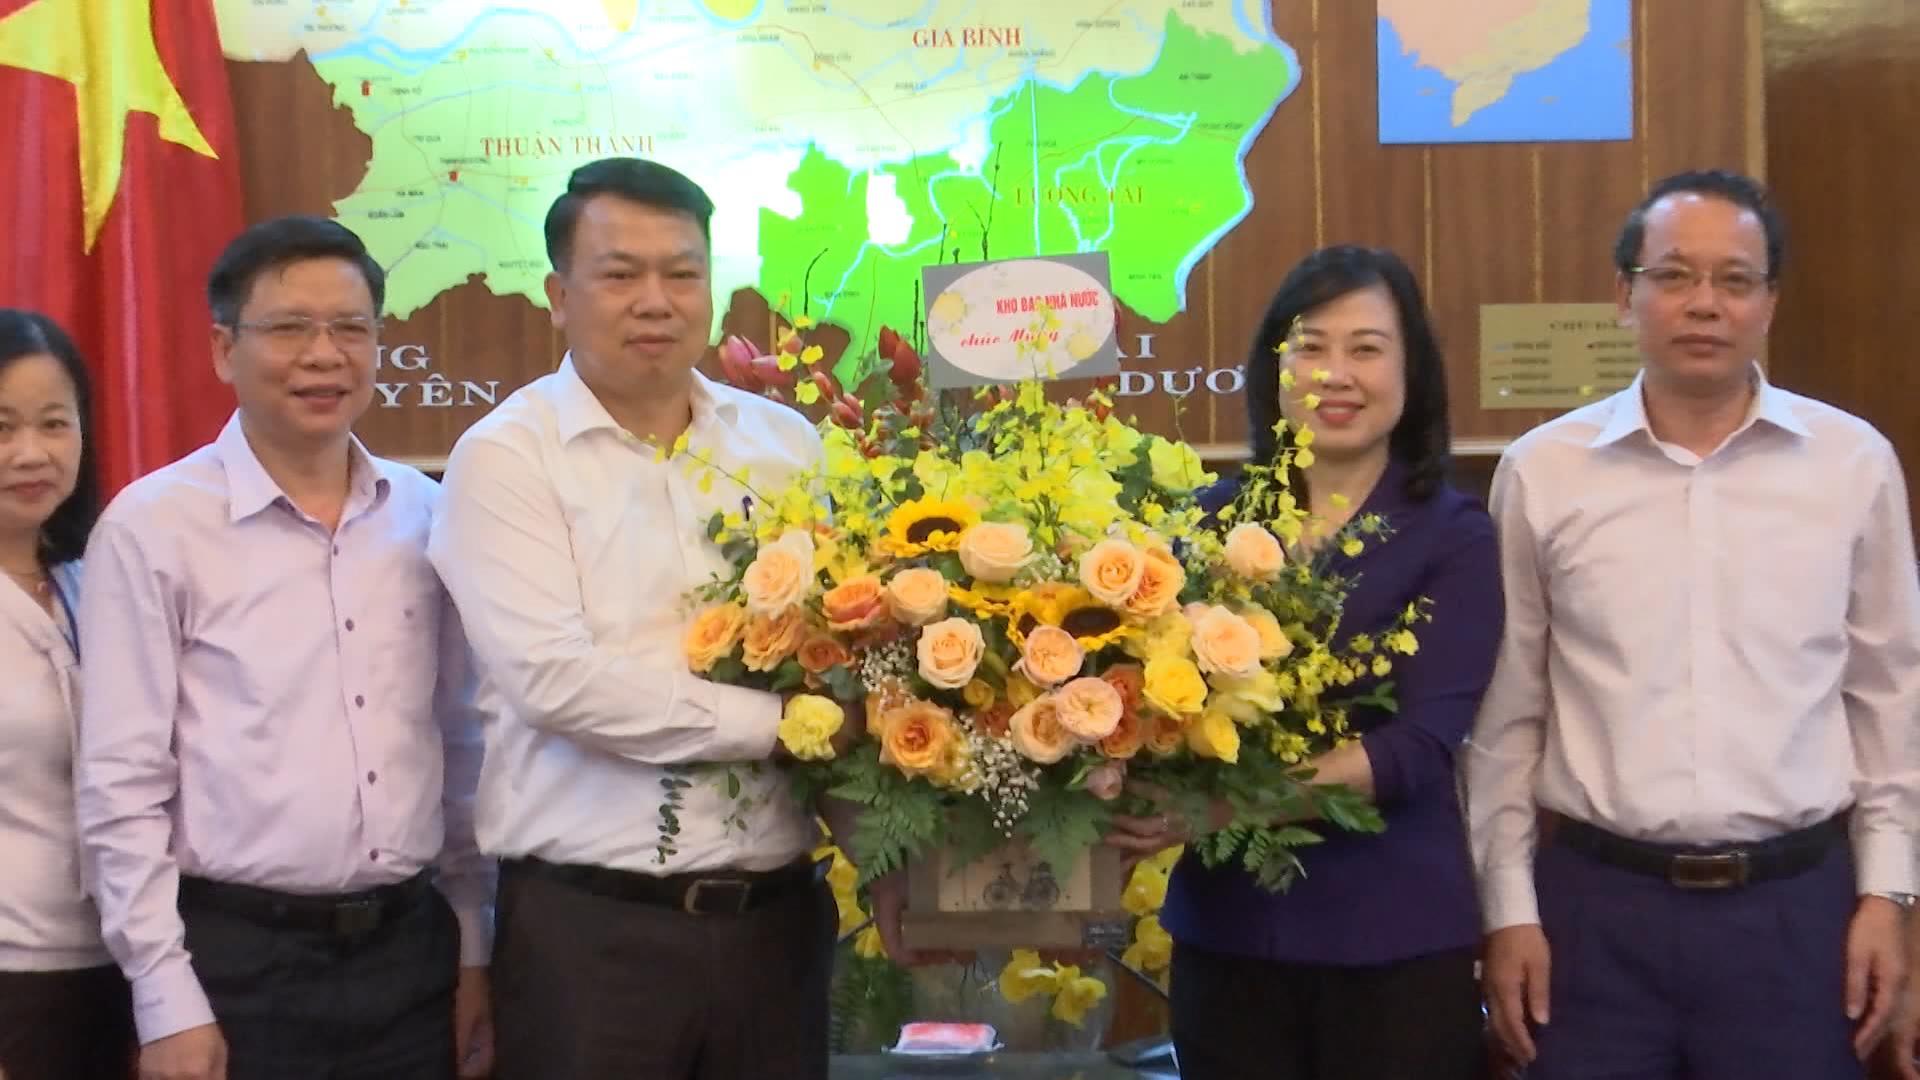 Bí thư Tỉnh ủy tiếp Tổng Giám đốc Kho bạc nhà nước Việt Nam